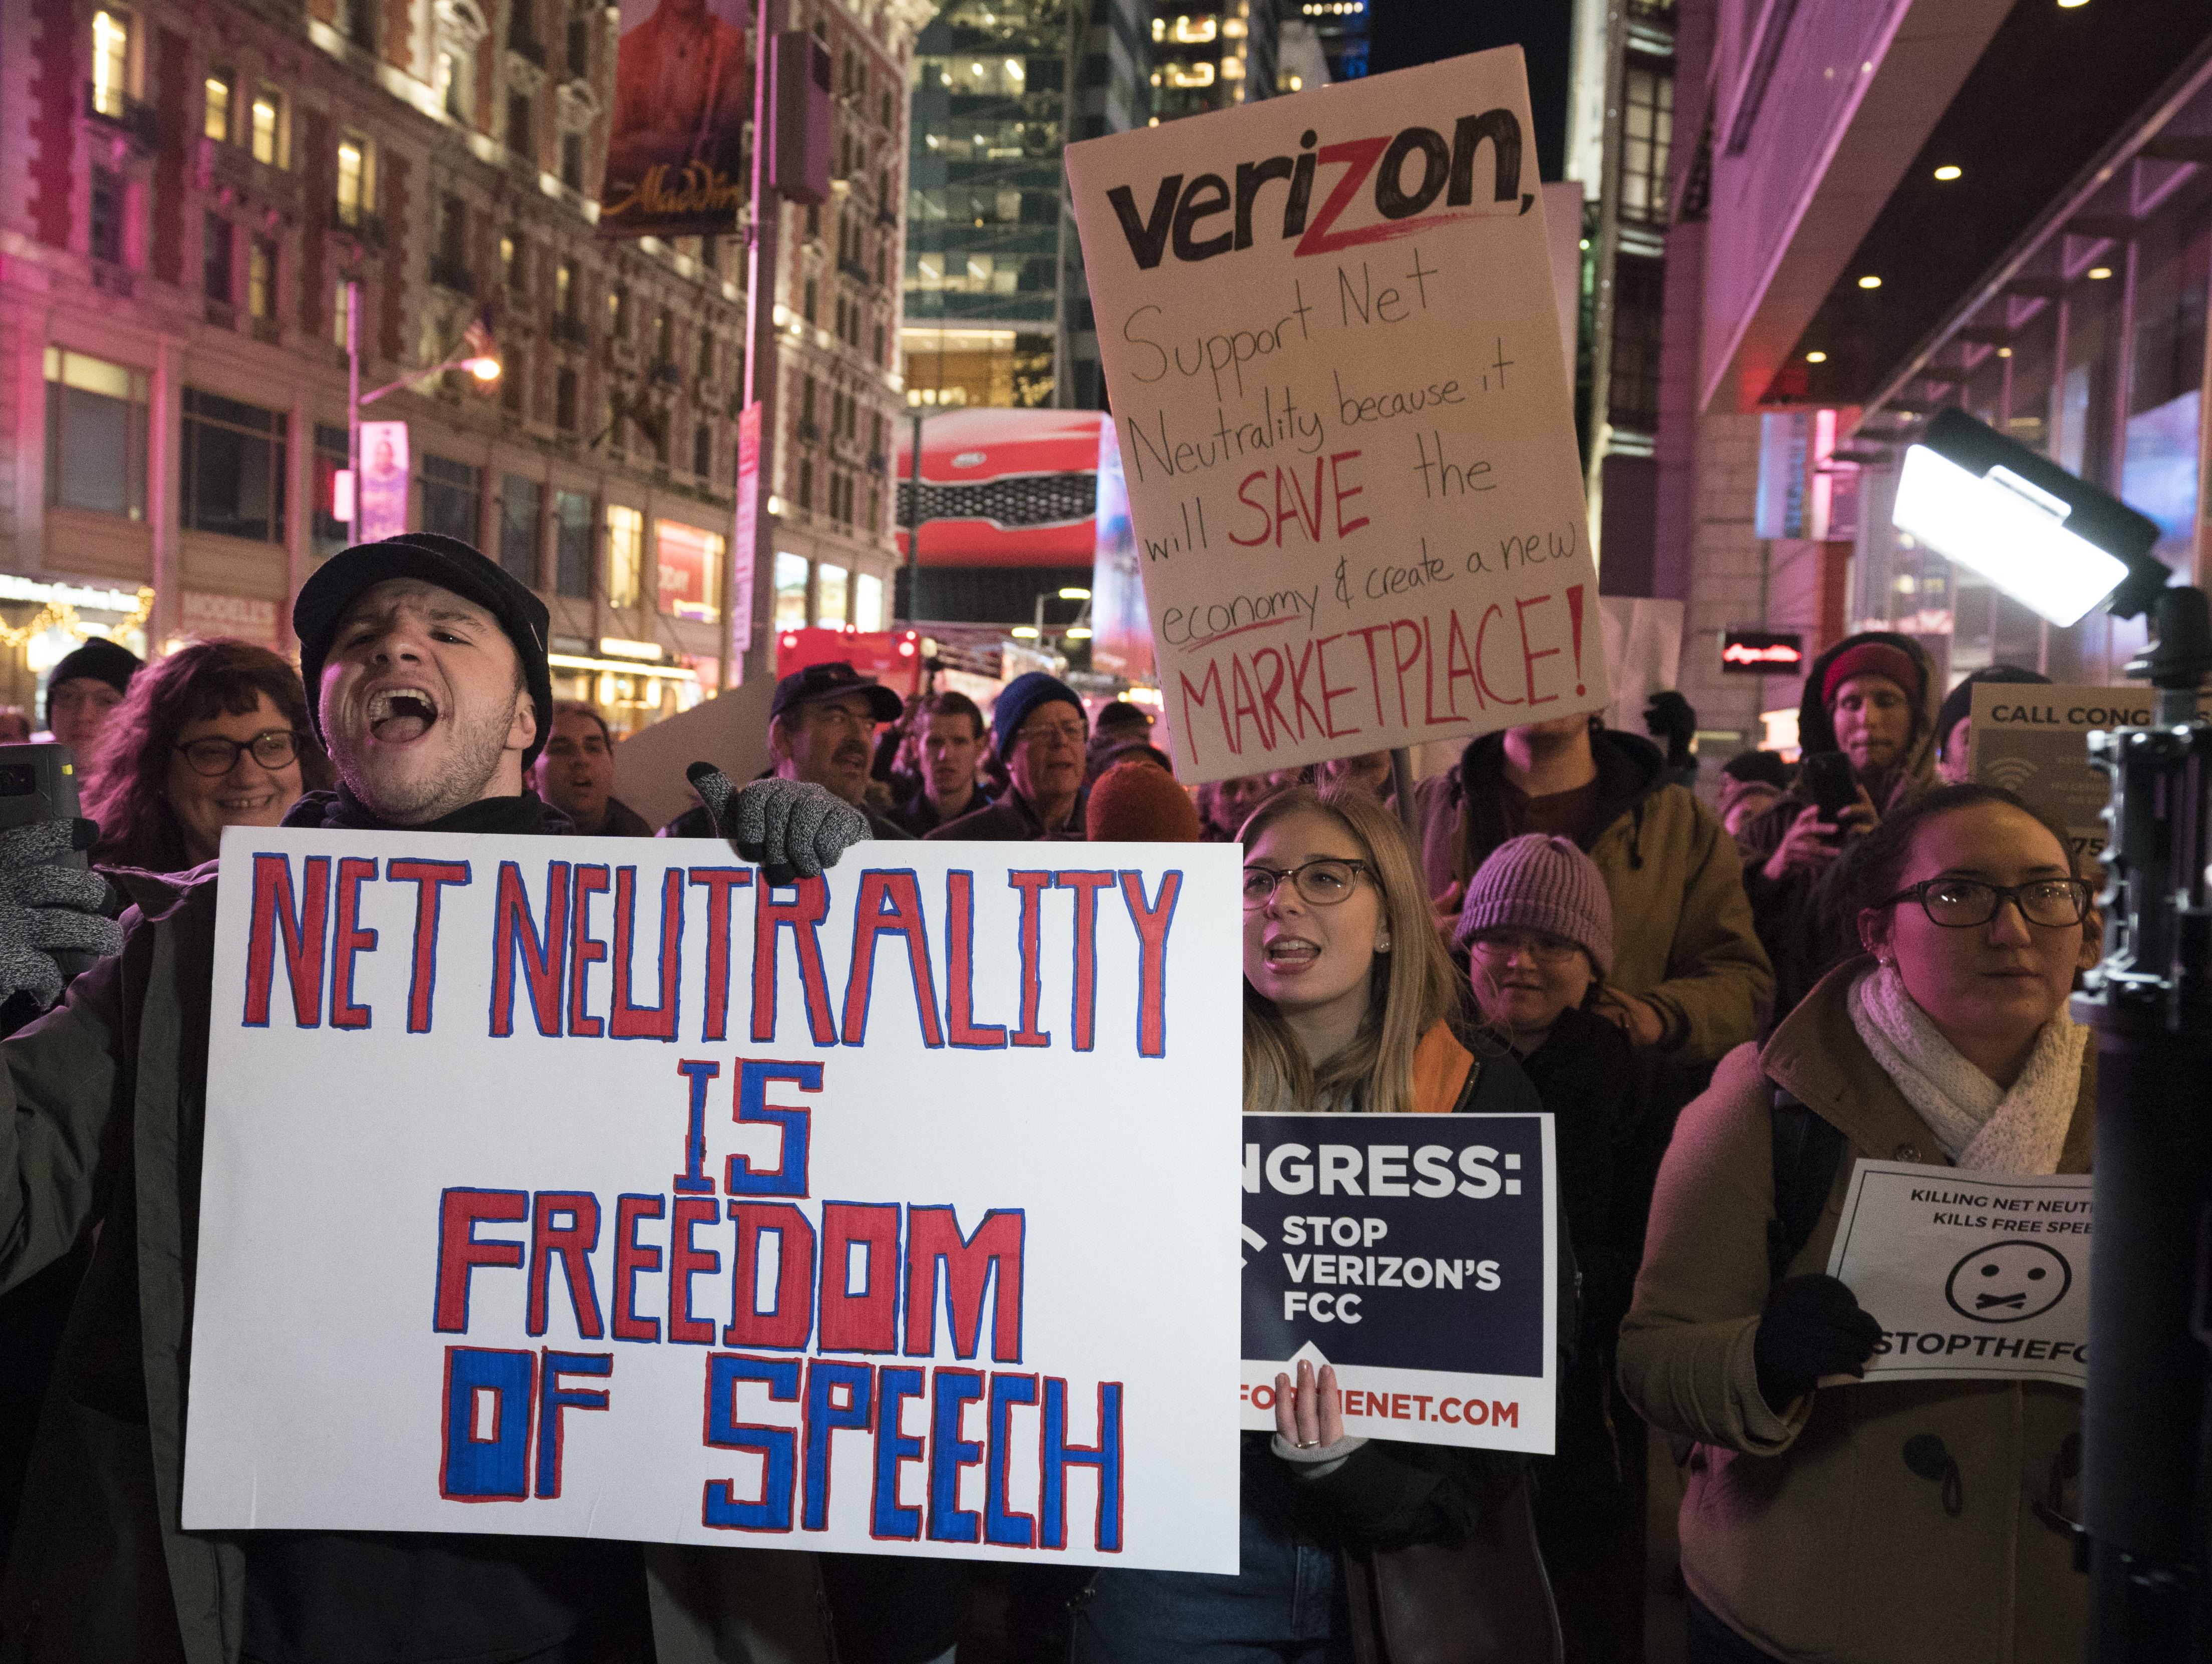 A legnagyobb amerikai internetszolgáltatók 9 millió kamukommenttel támogatták a netsemlegességi törvény visszavonását